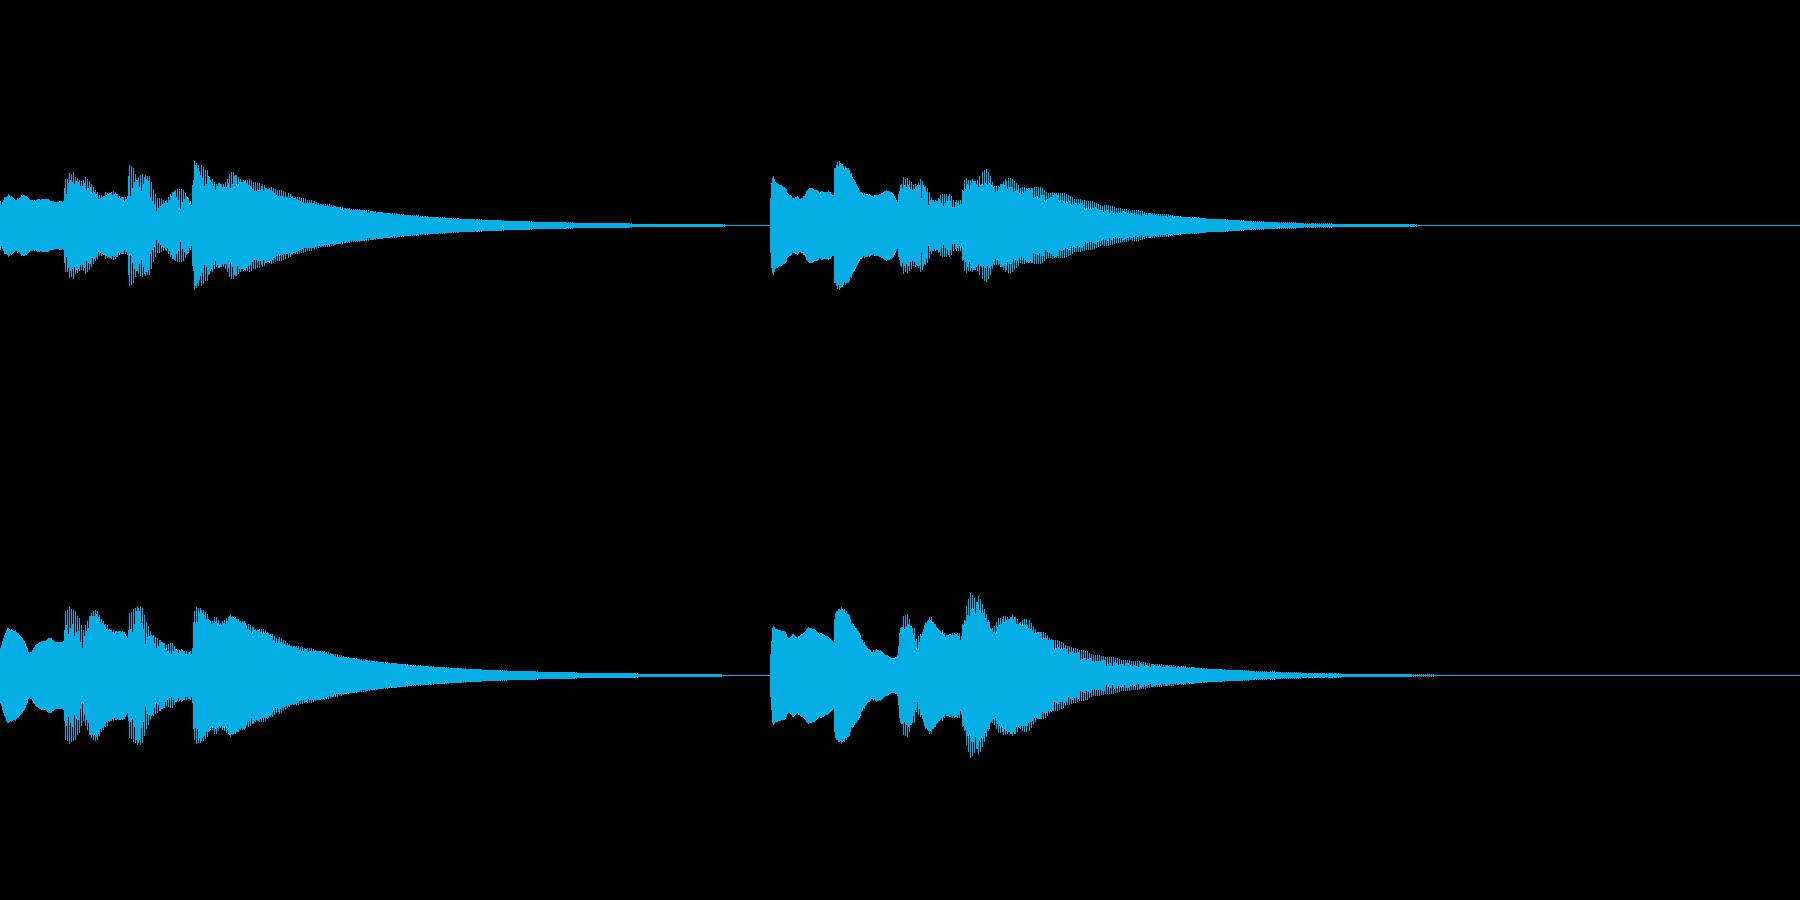 シンプルなピンポンパンポンチャイムの再生済みの波形